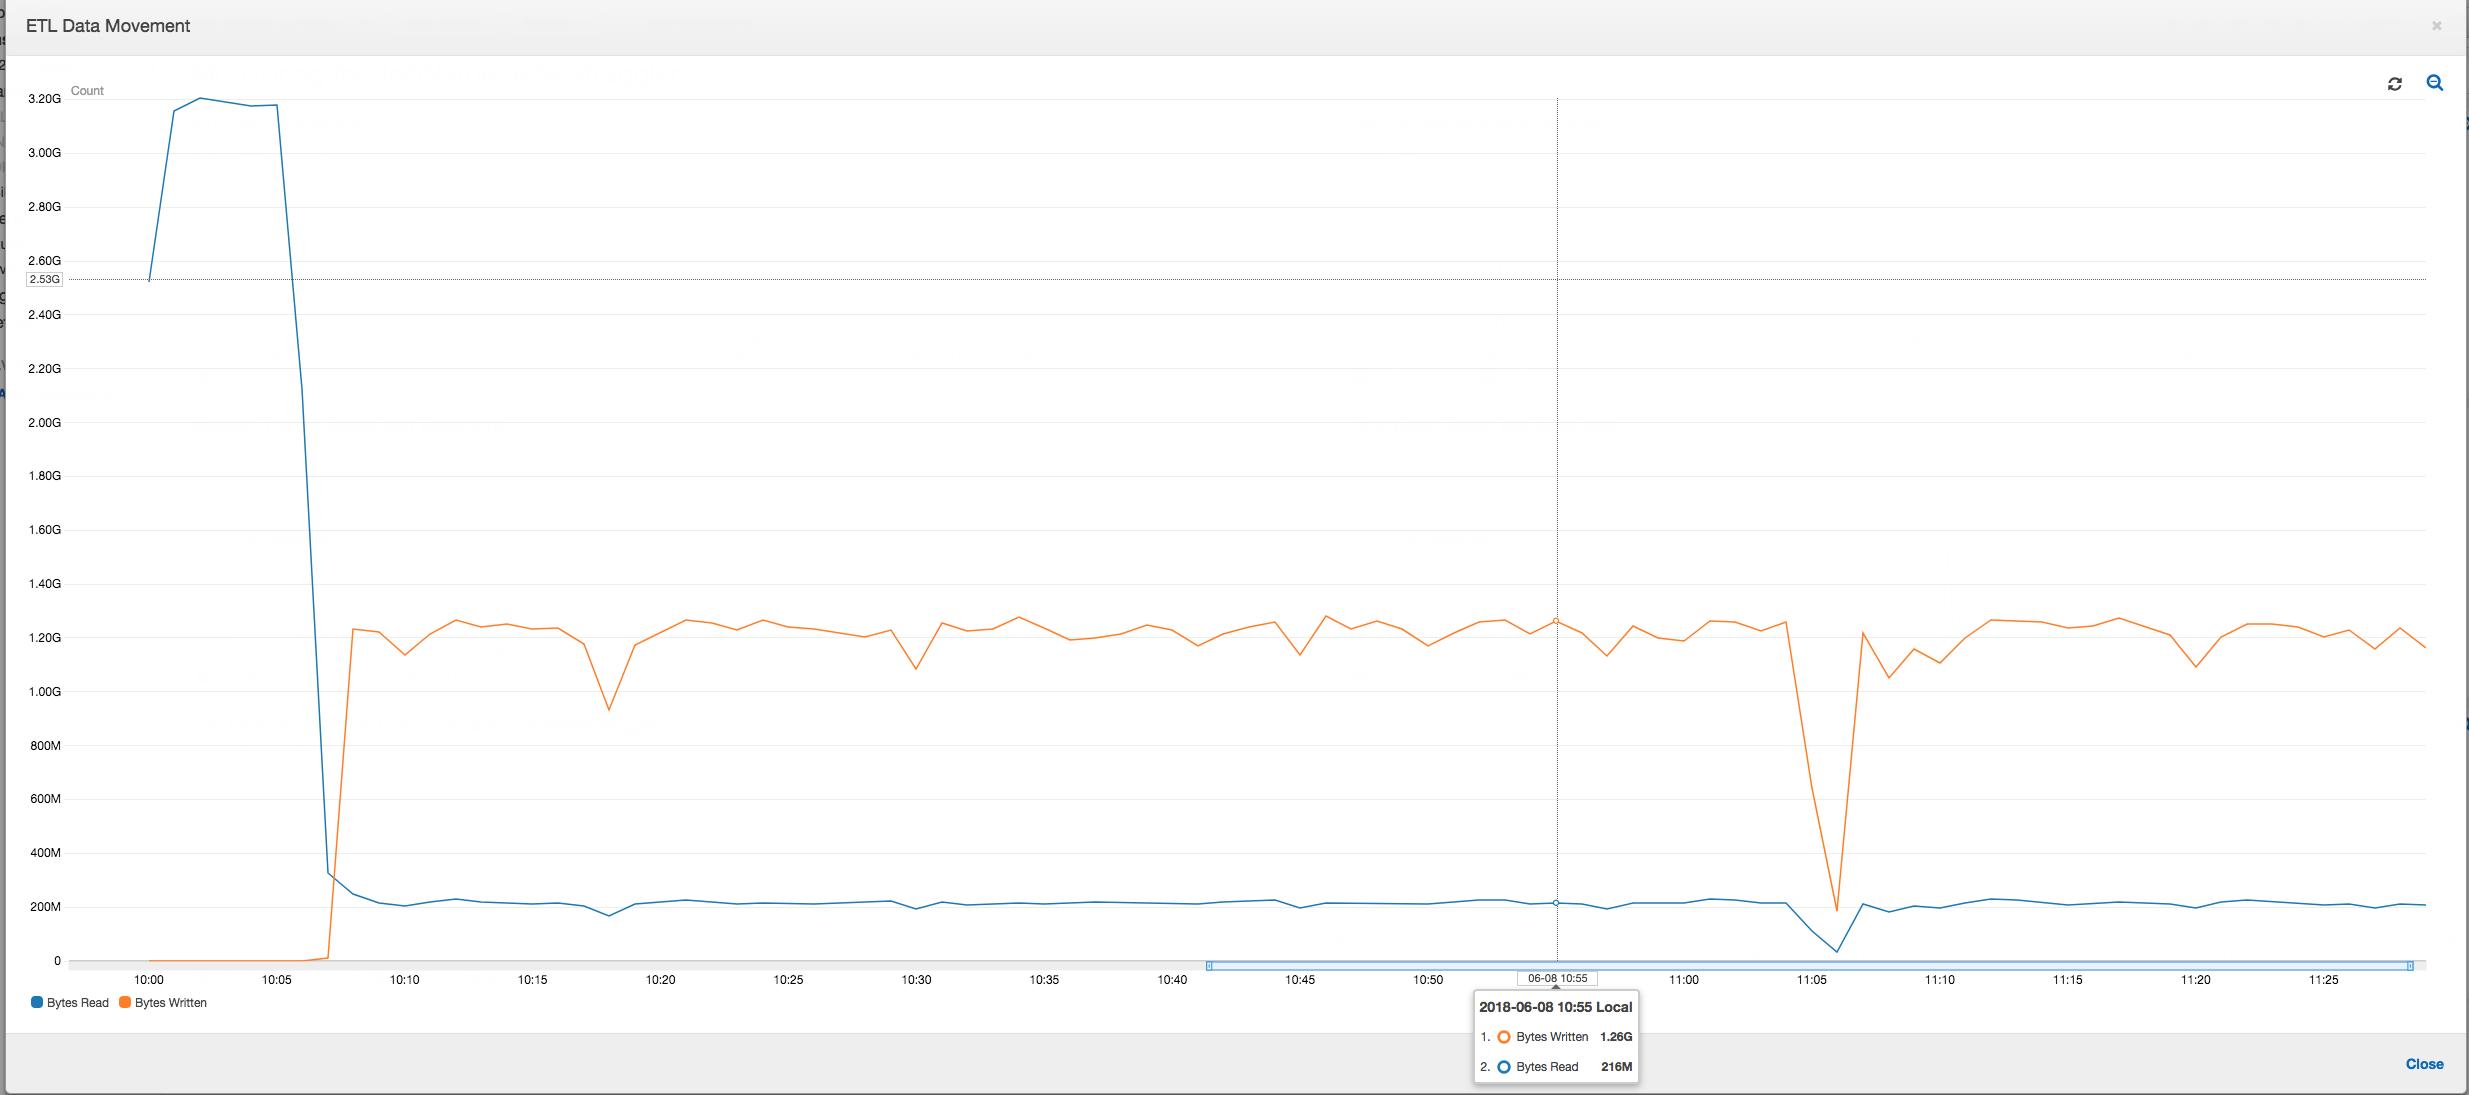 En el gráfico se muestra el perfil ETL Data Movement (Movimiento de datos de ETL